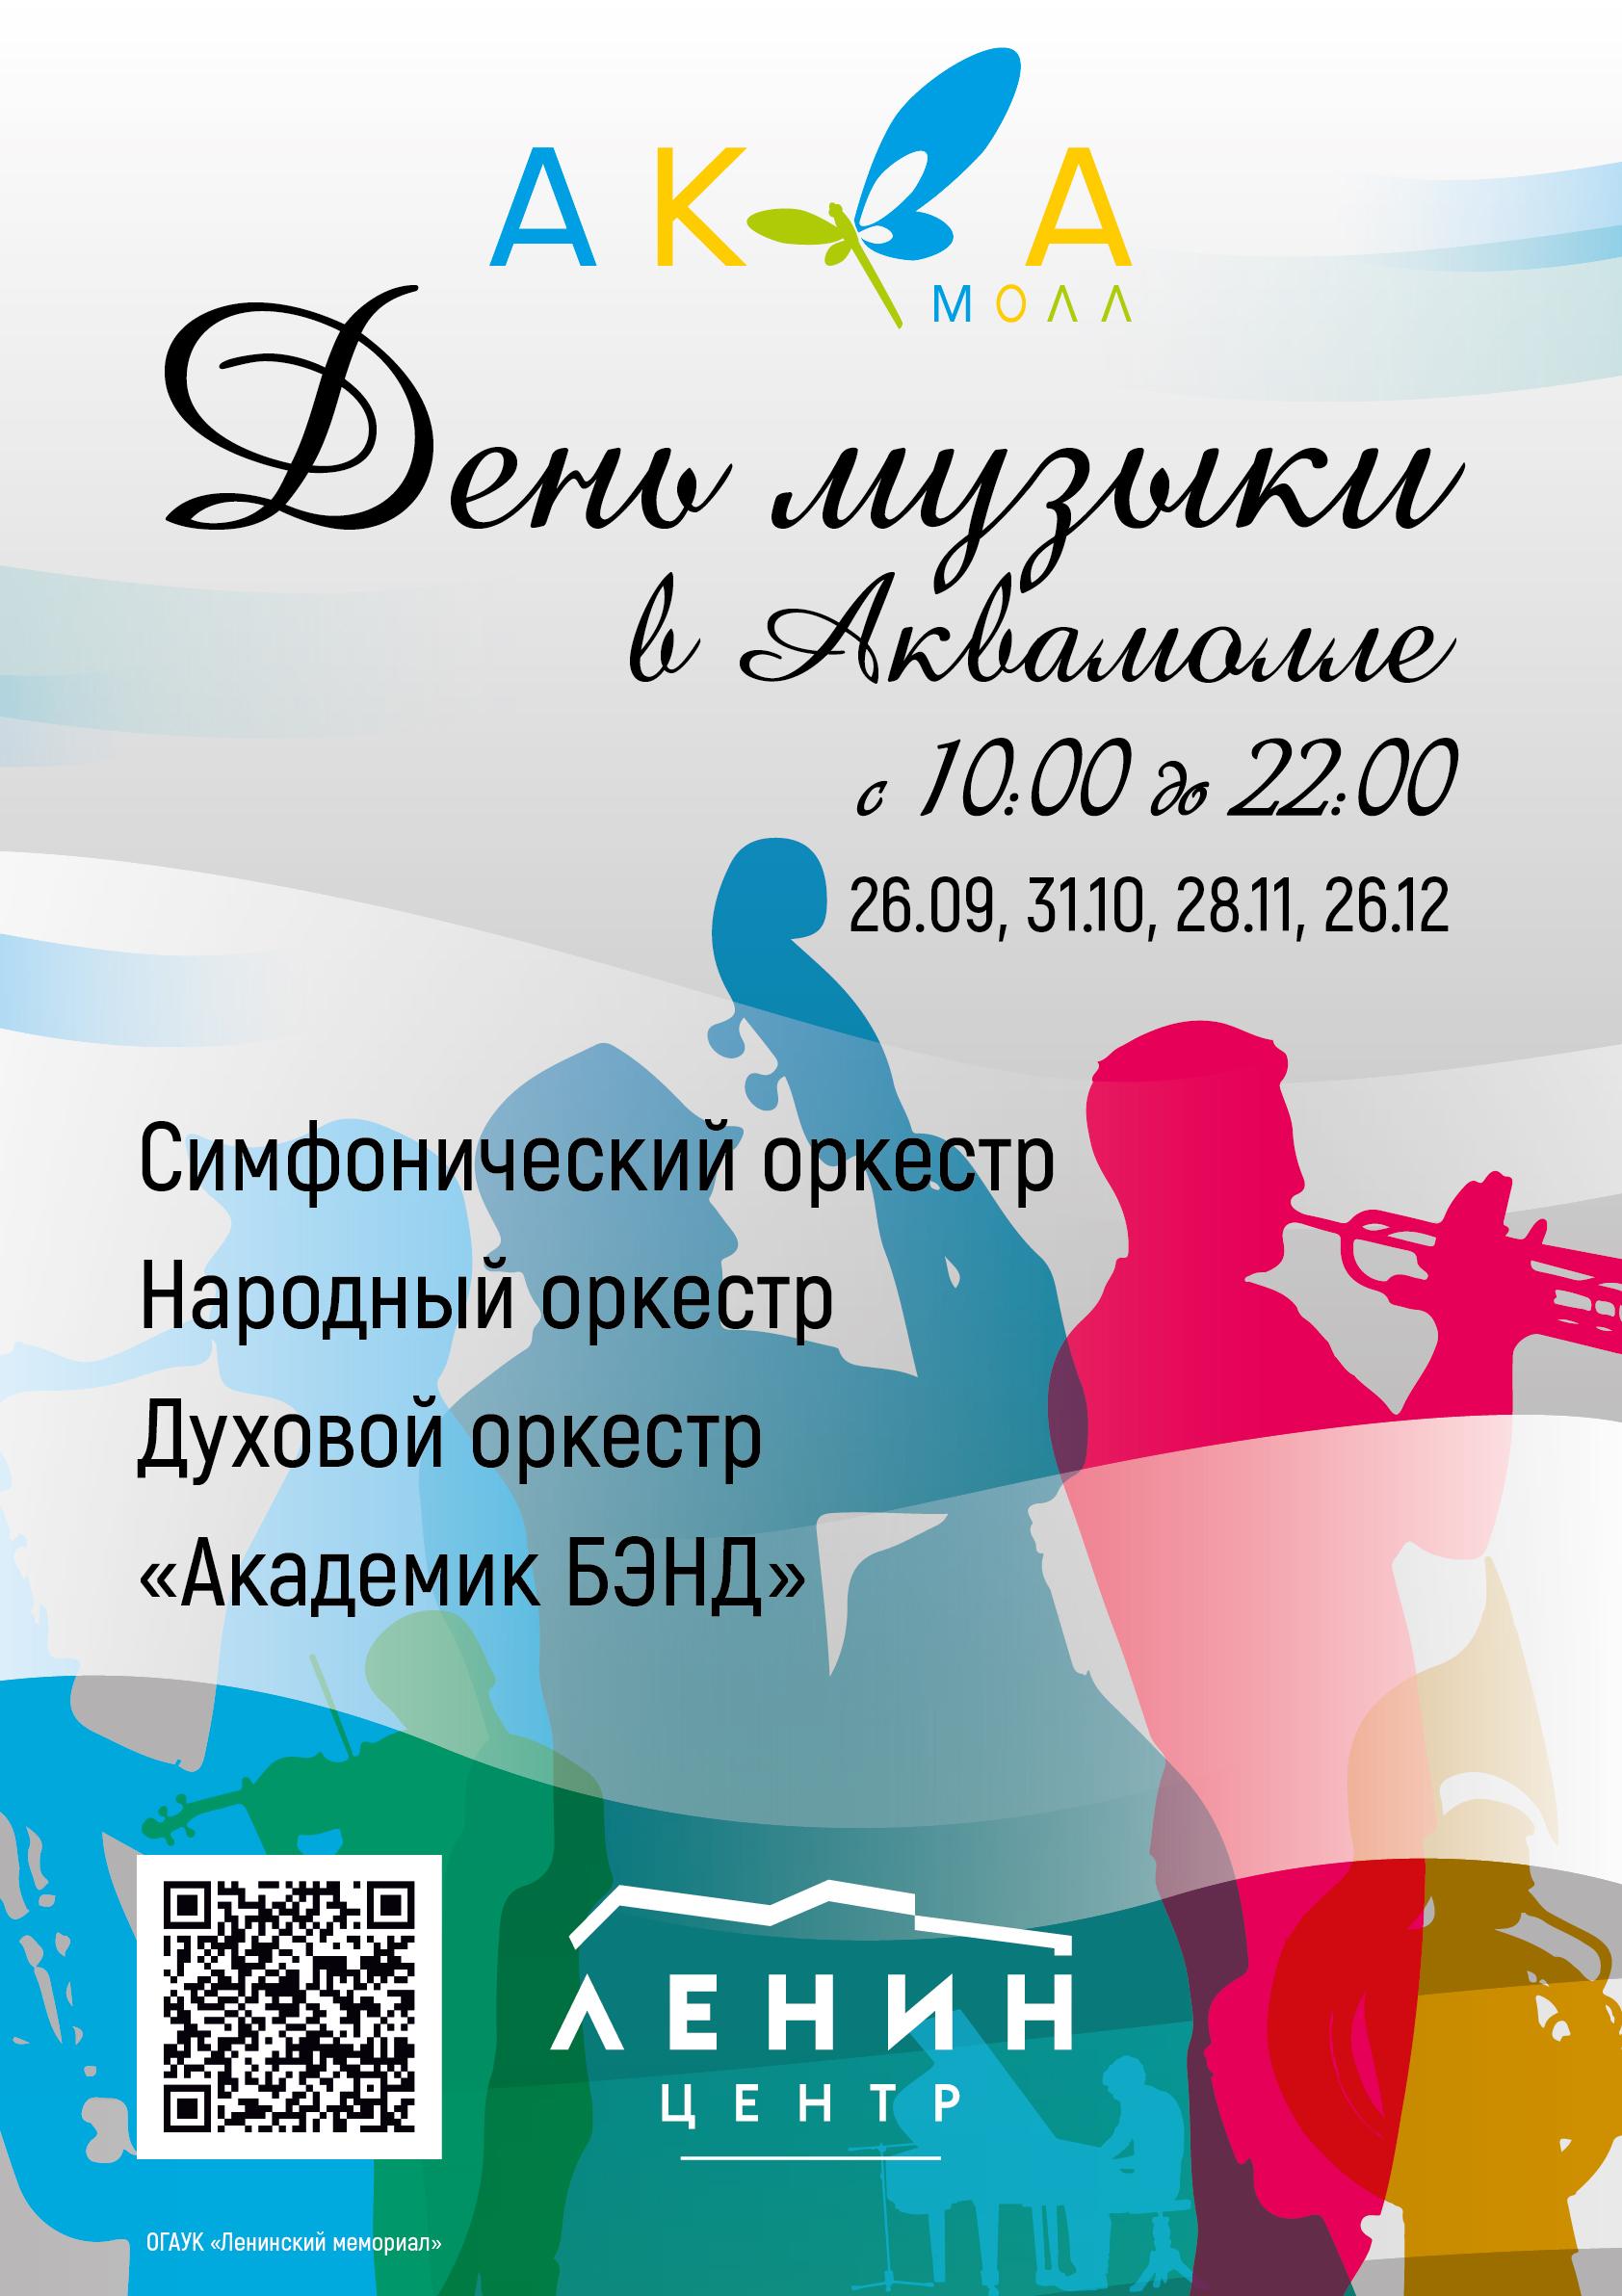 «Музыкальный день в «Аквамолле» @ ТРК Аквамолл (ш. Московское, 108)